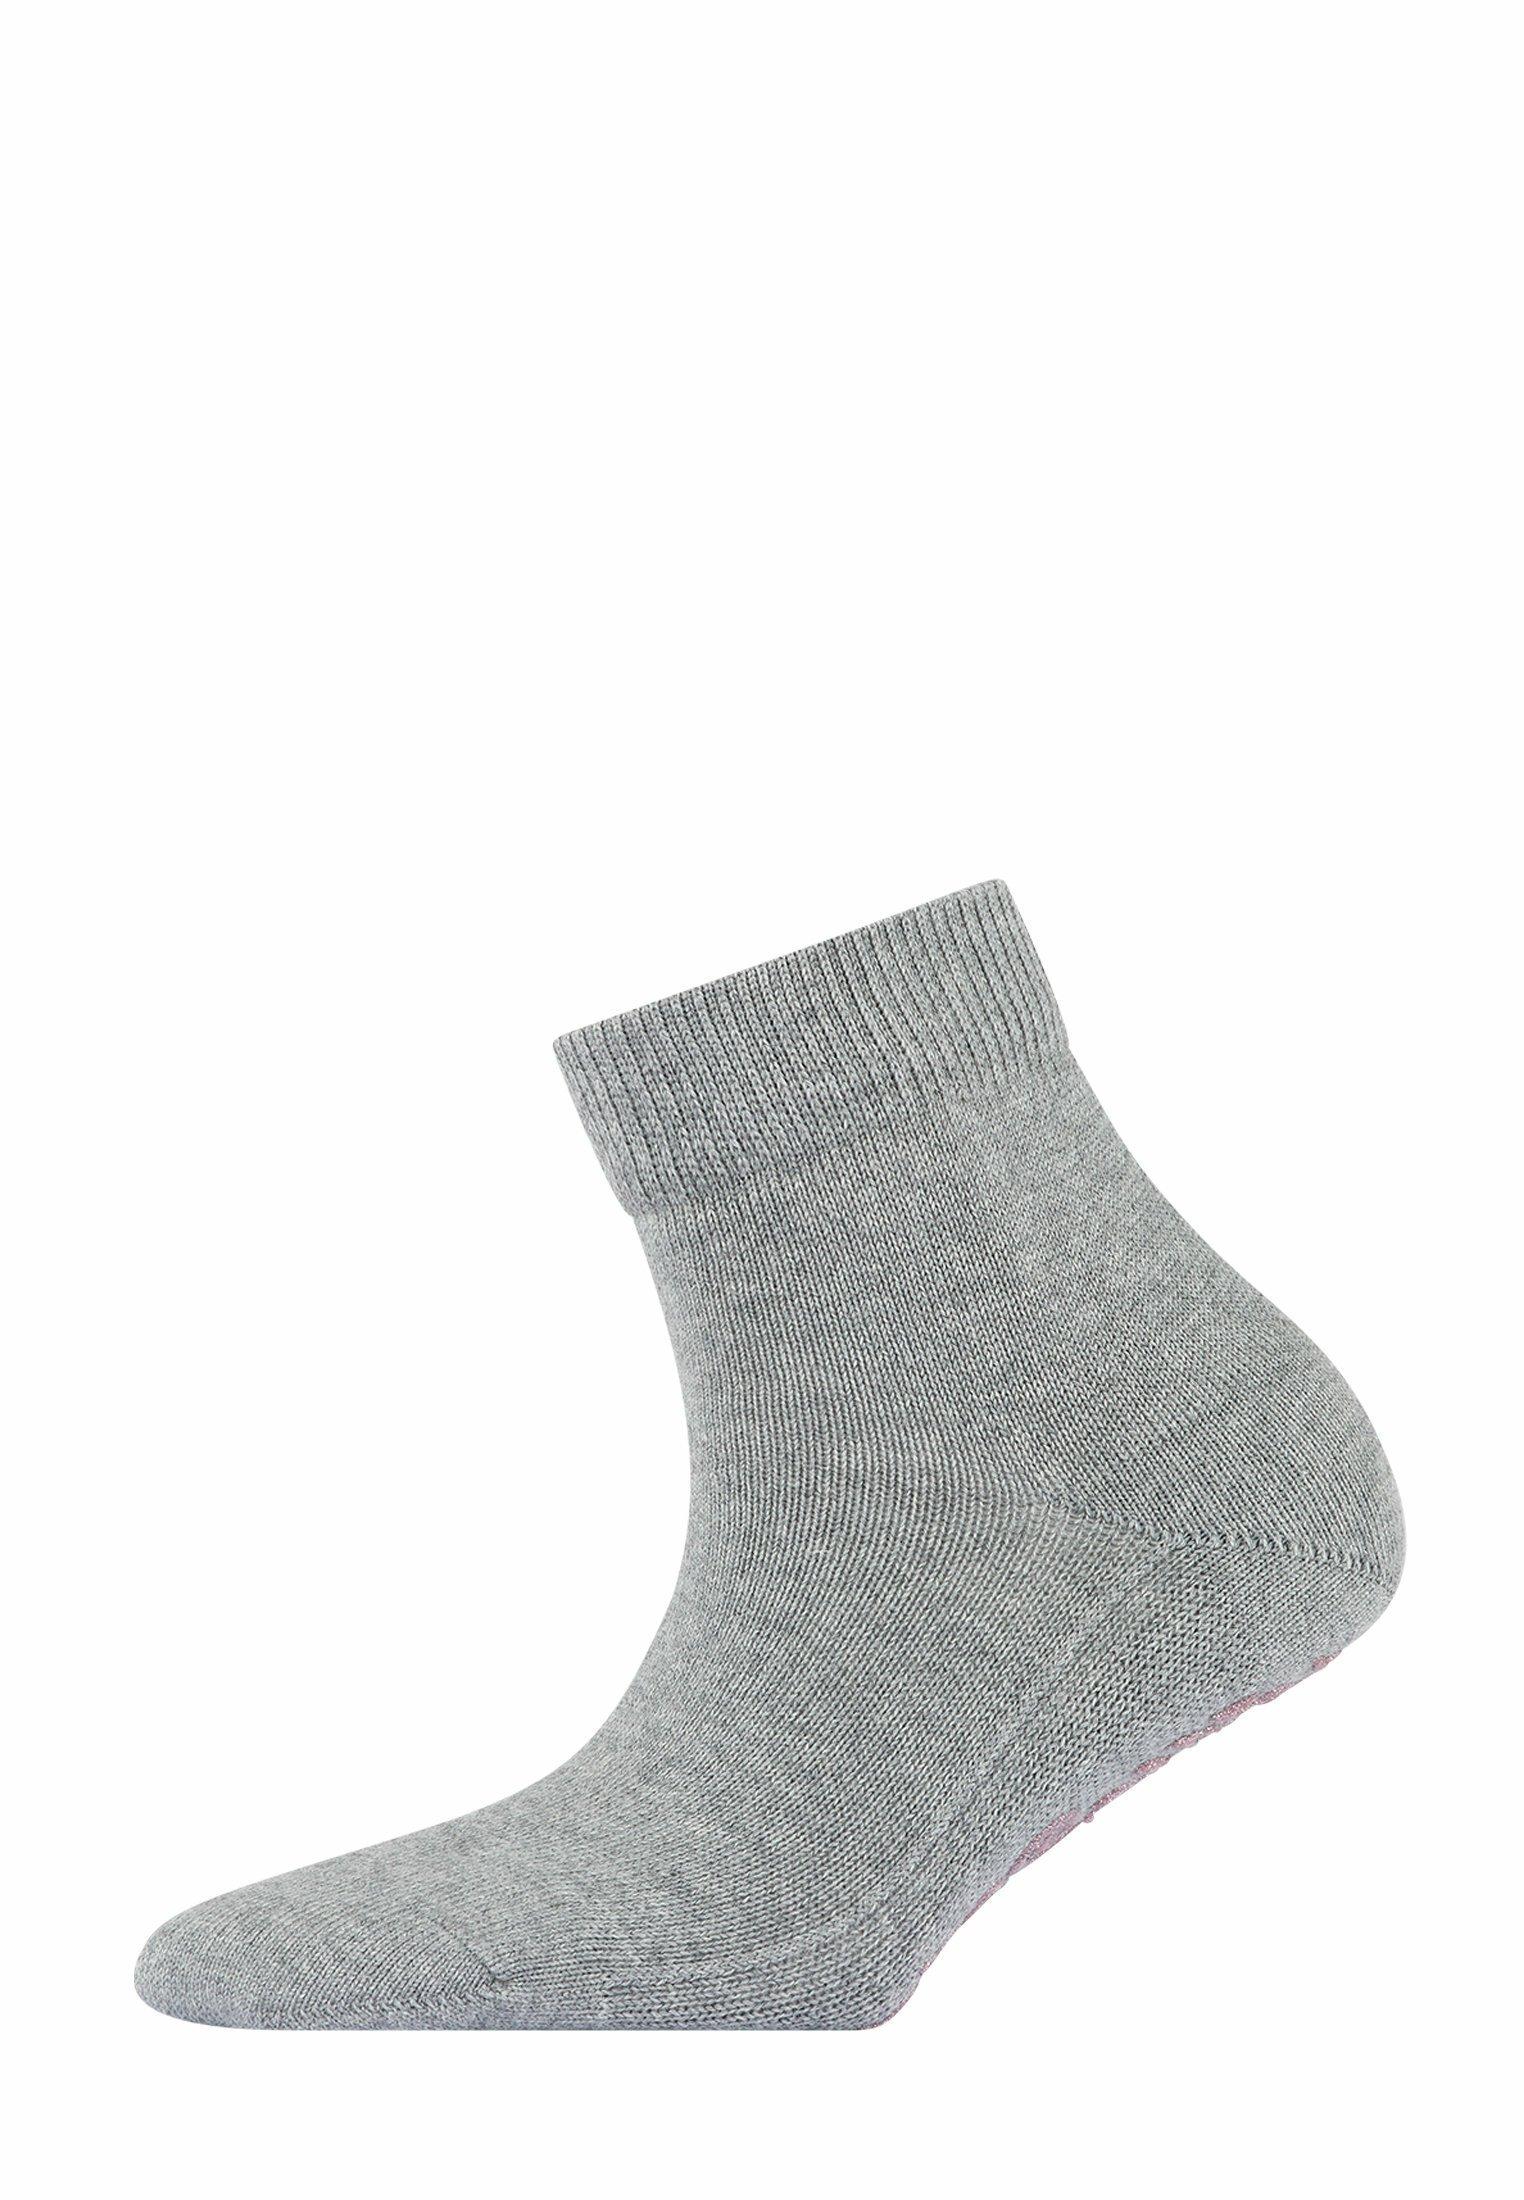 Femme LIGHT CUDDLE PADS  - Chaussettes - m.grey mel